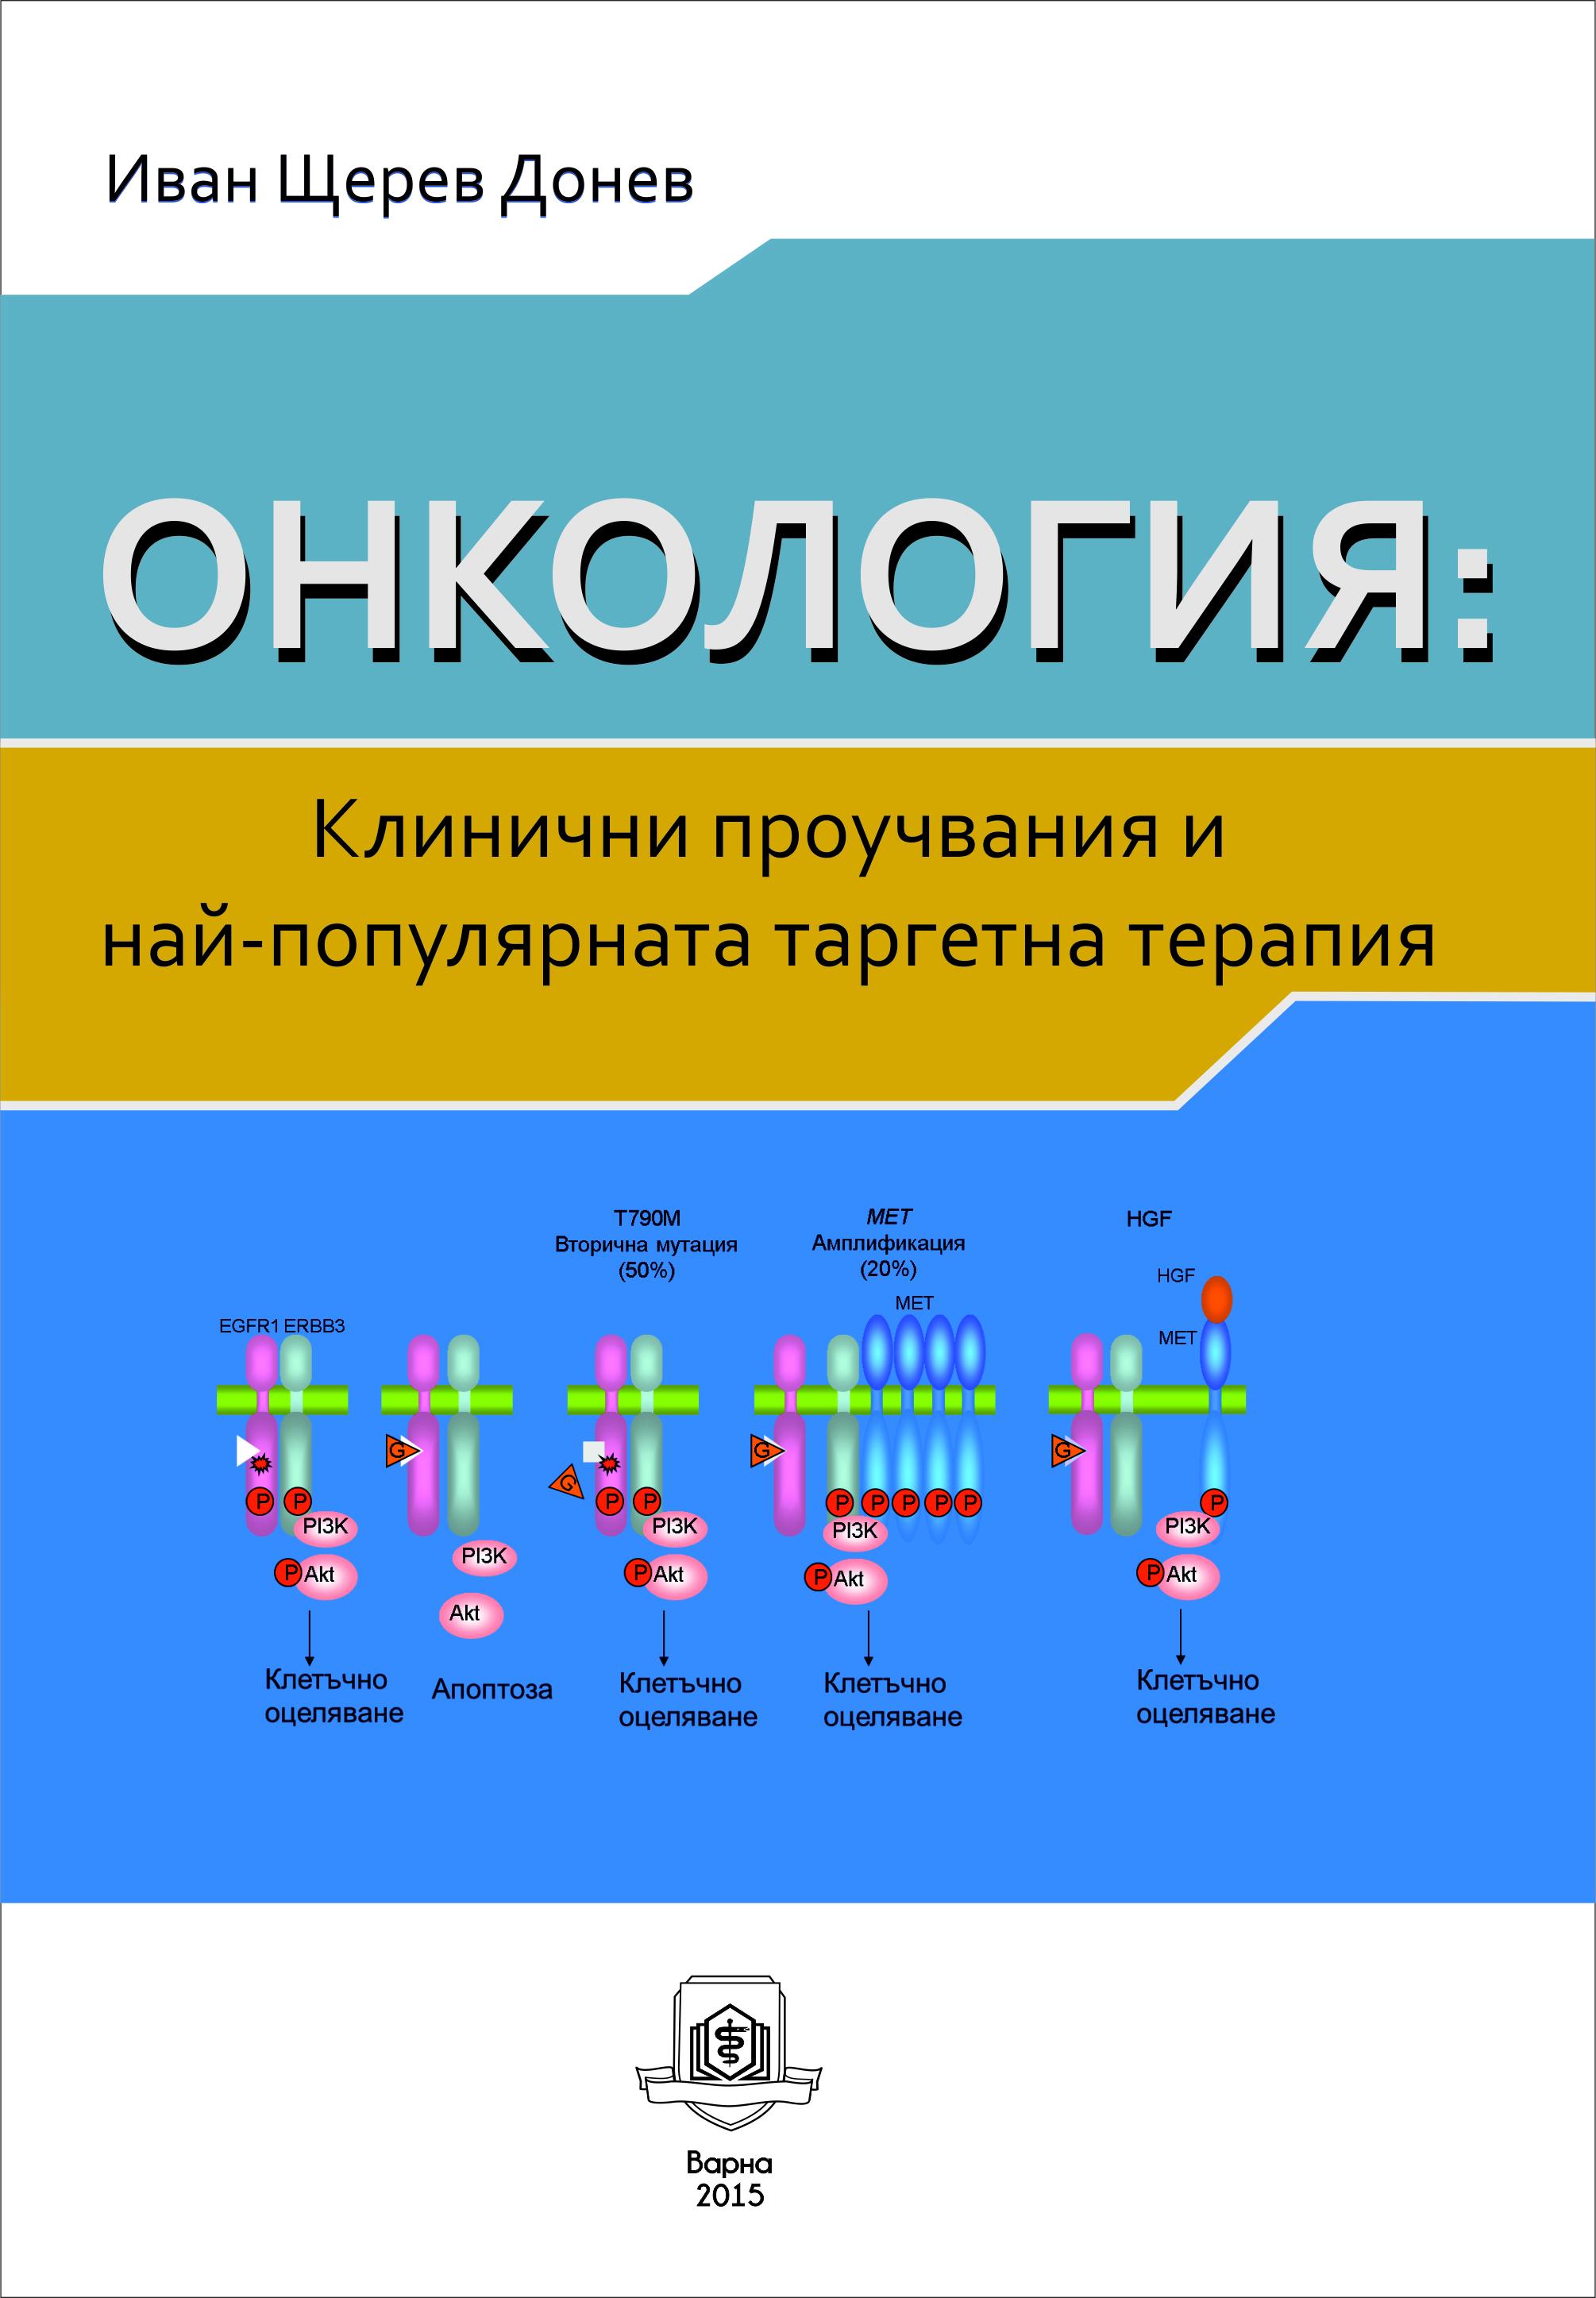 Онкология: клинични проучвания и най-популярната таргетна система